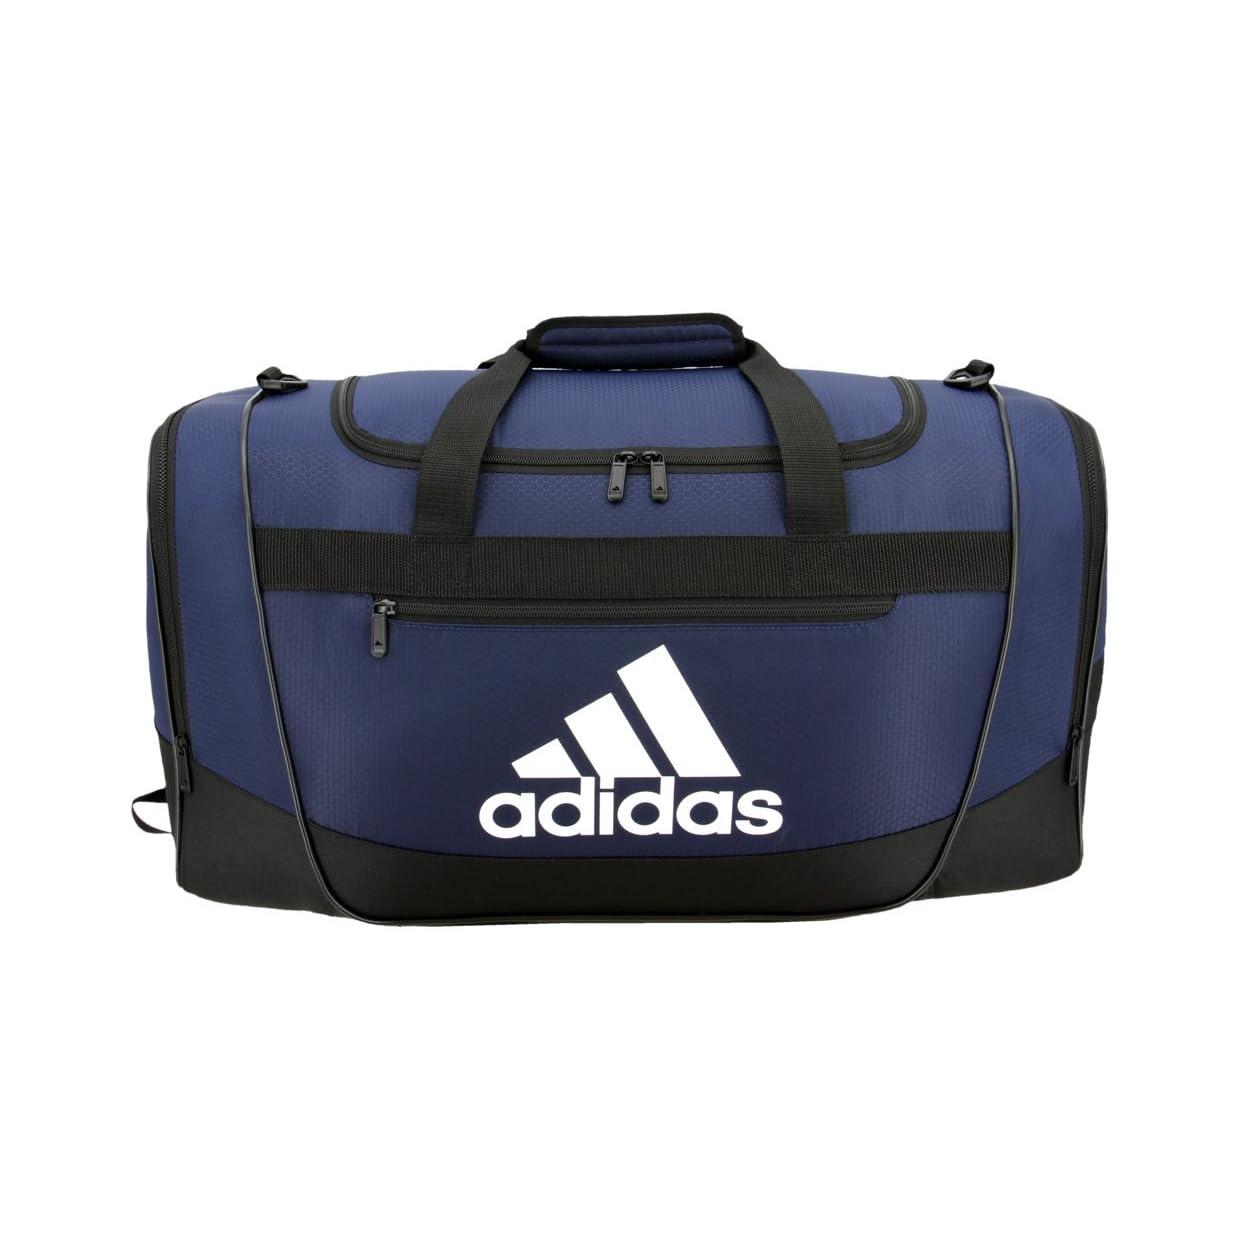 Adidas Defender III Small Duffel